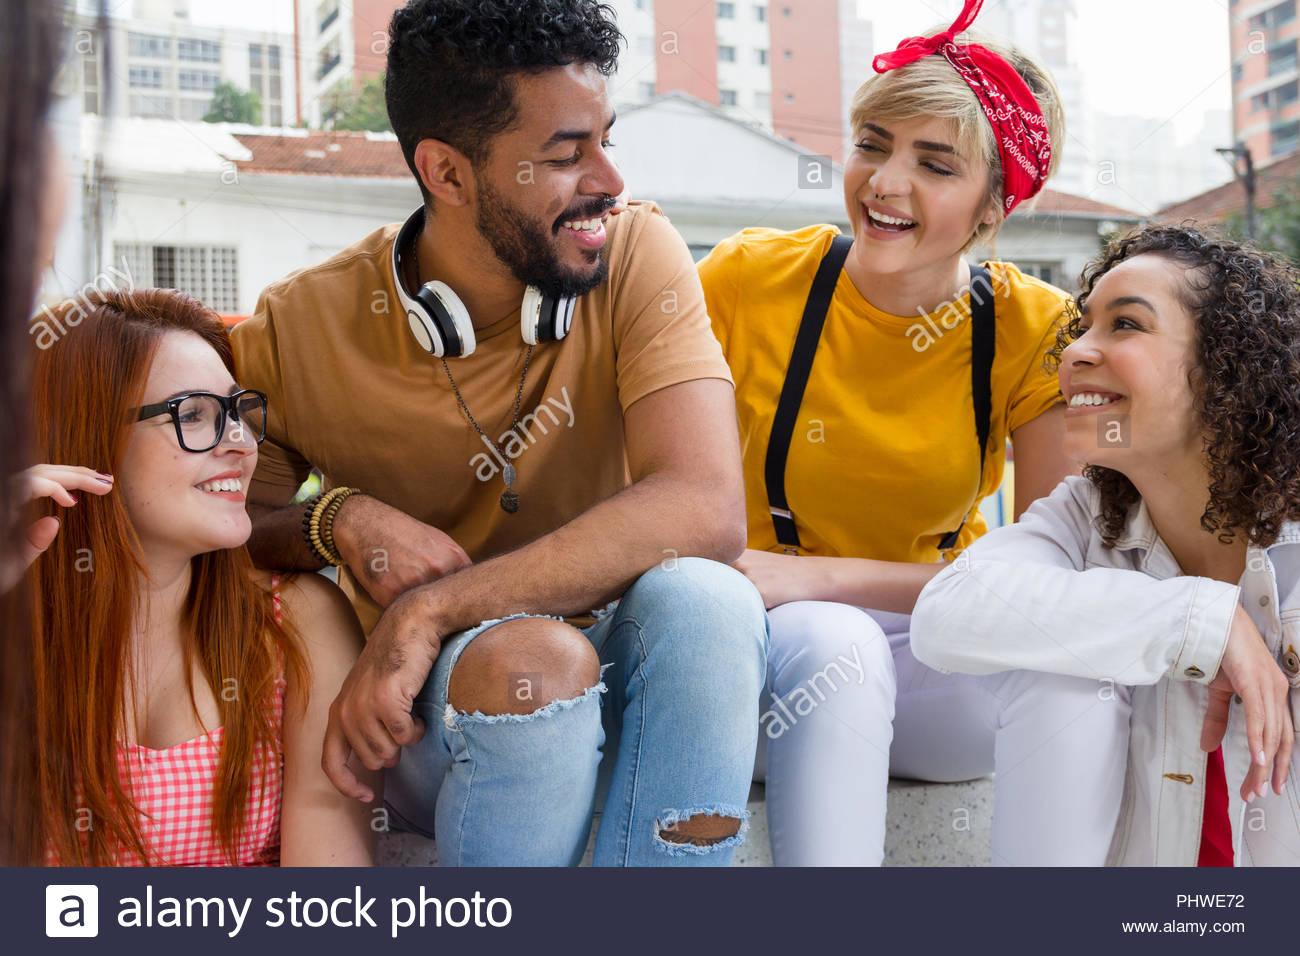 Amigos feliz y sonriente sentado en la cafetería al aire libre. Grupo de raza mixta socializar en un partido en el restaurante exterior. Verano caliente, amistad, buzos Imagen De Stock